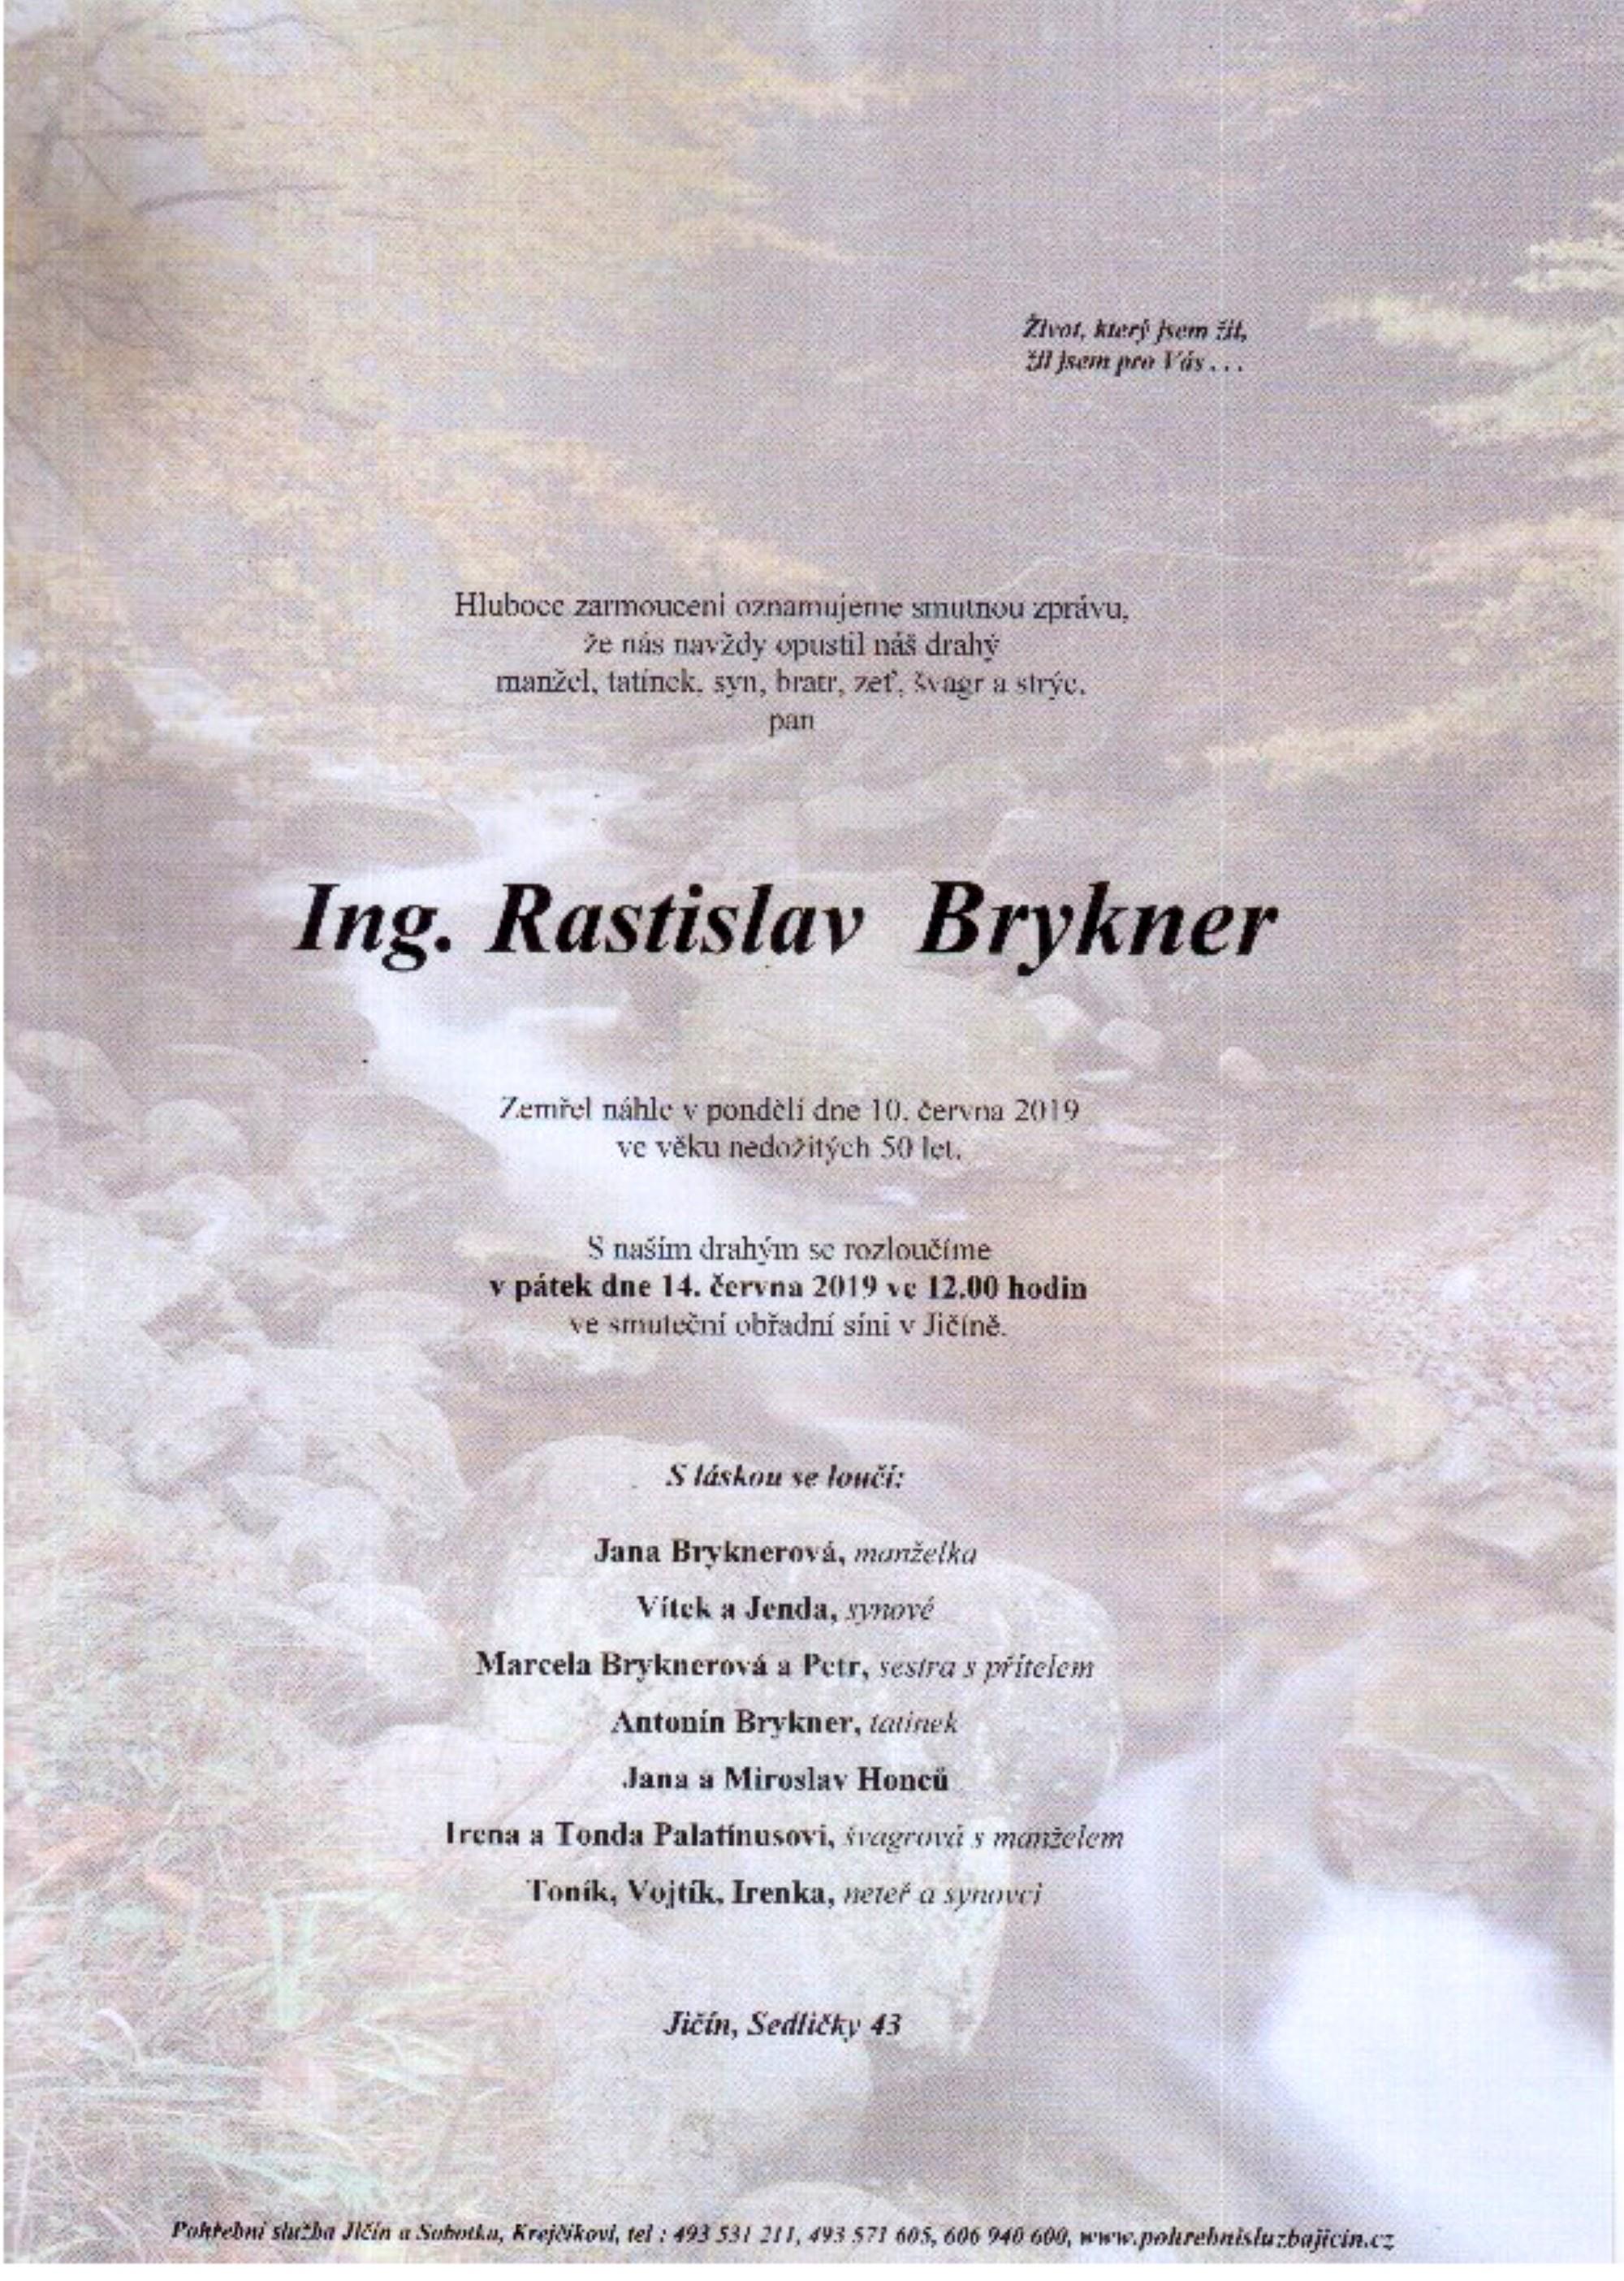 Ing. Rastislav Brykner